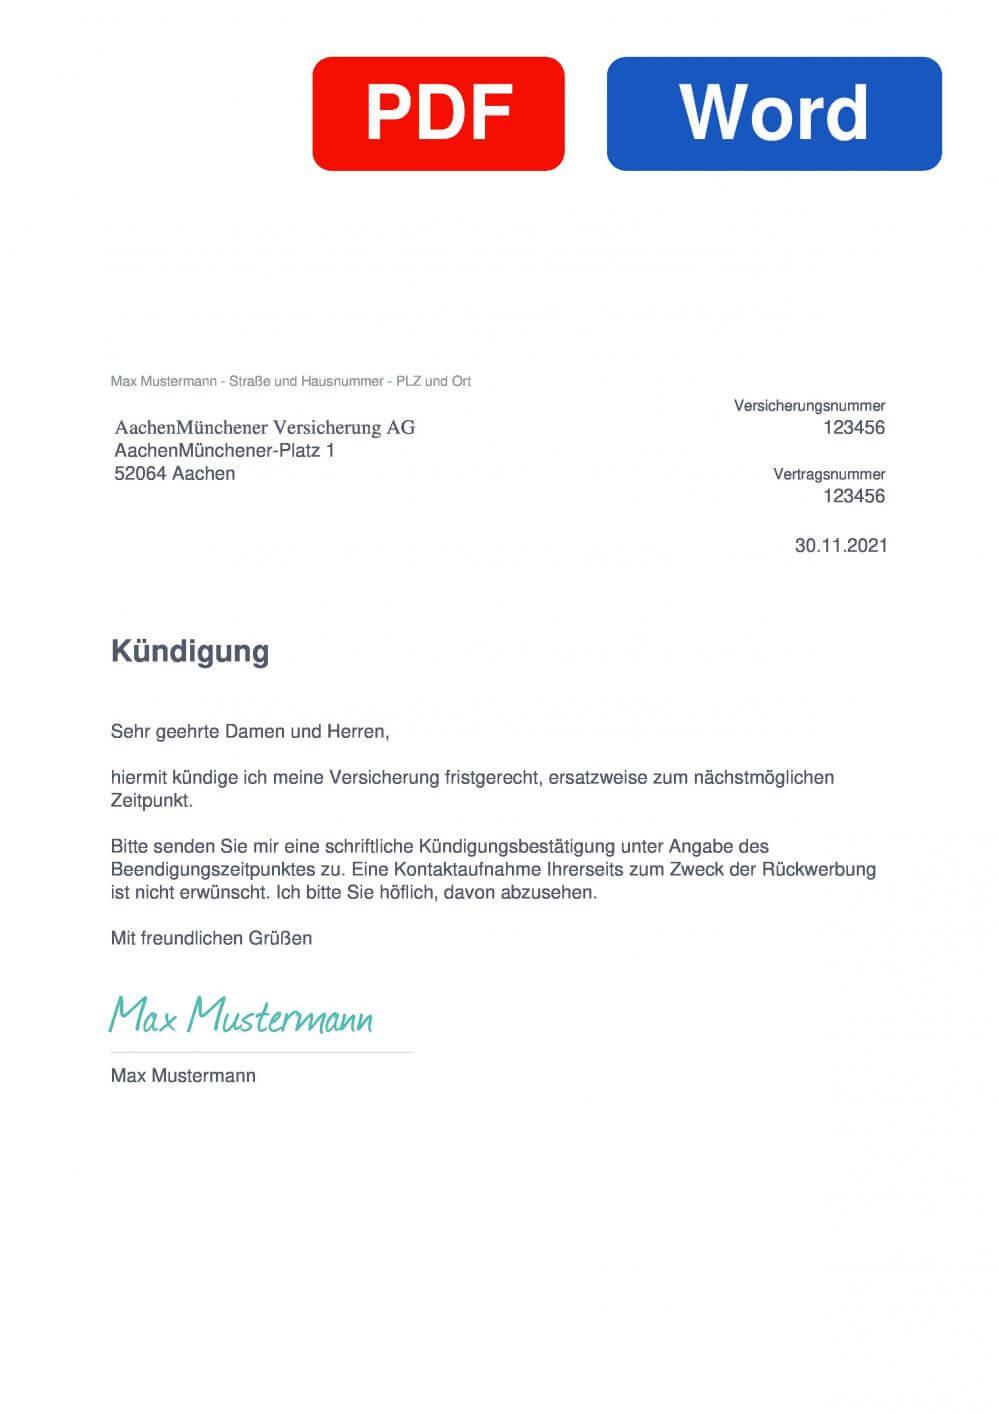 AachenMünchener Unfallversicherung Muster Vorlage für Kündigungsschreiben